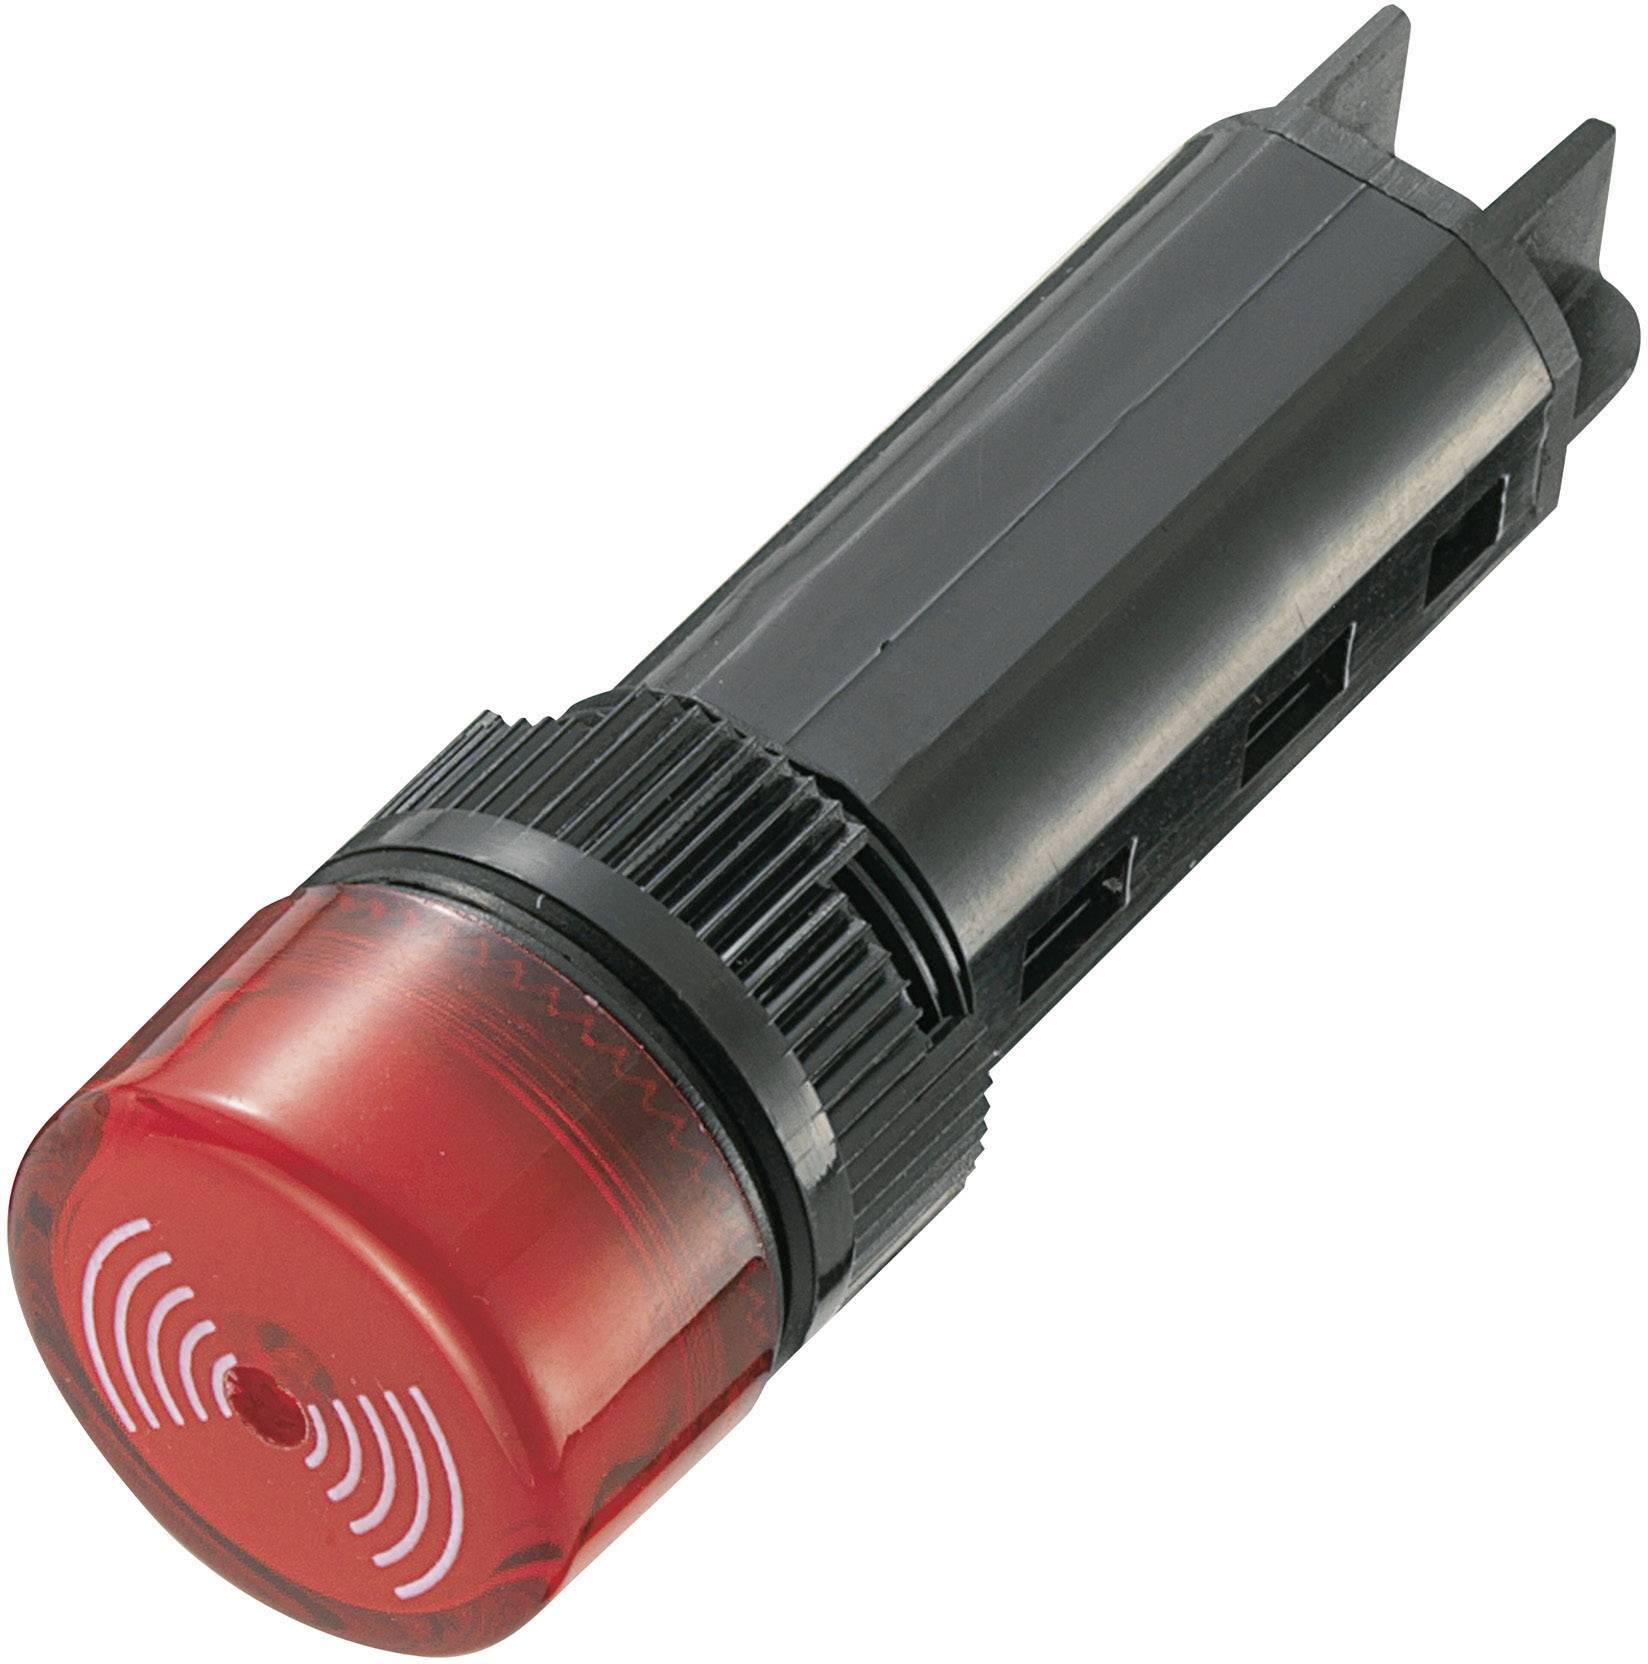 Sirénka / kontrolka, 80 dB 12 V / DC, modrá